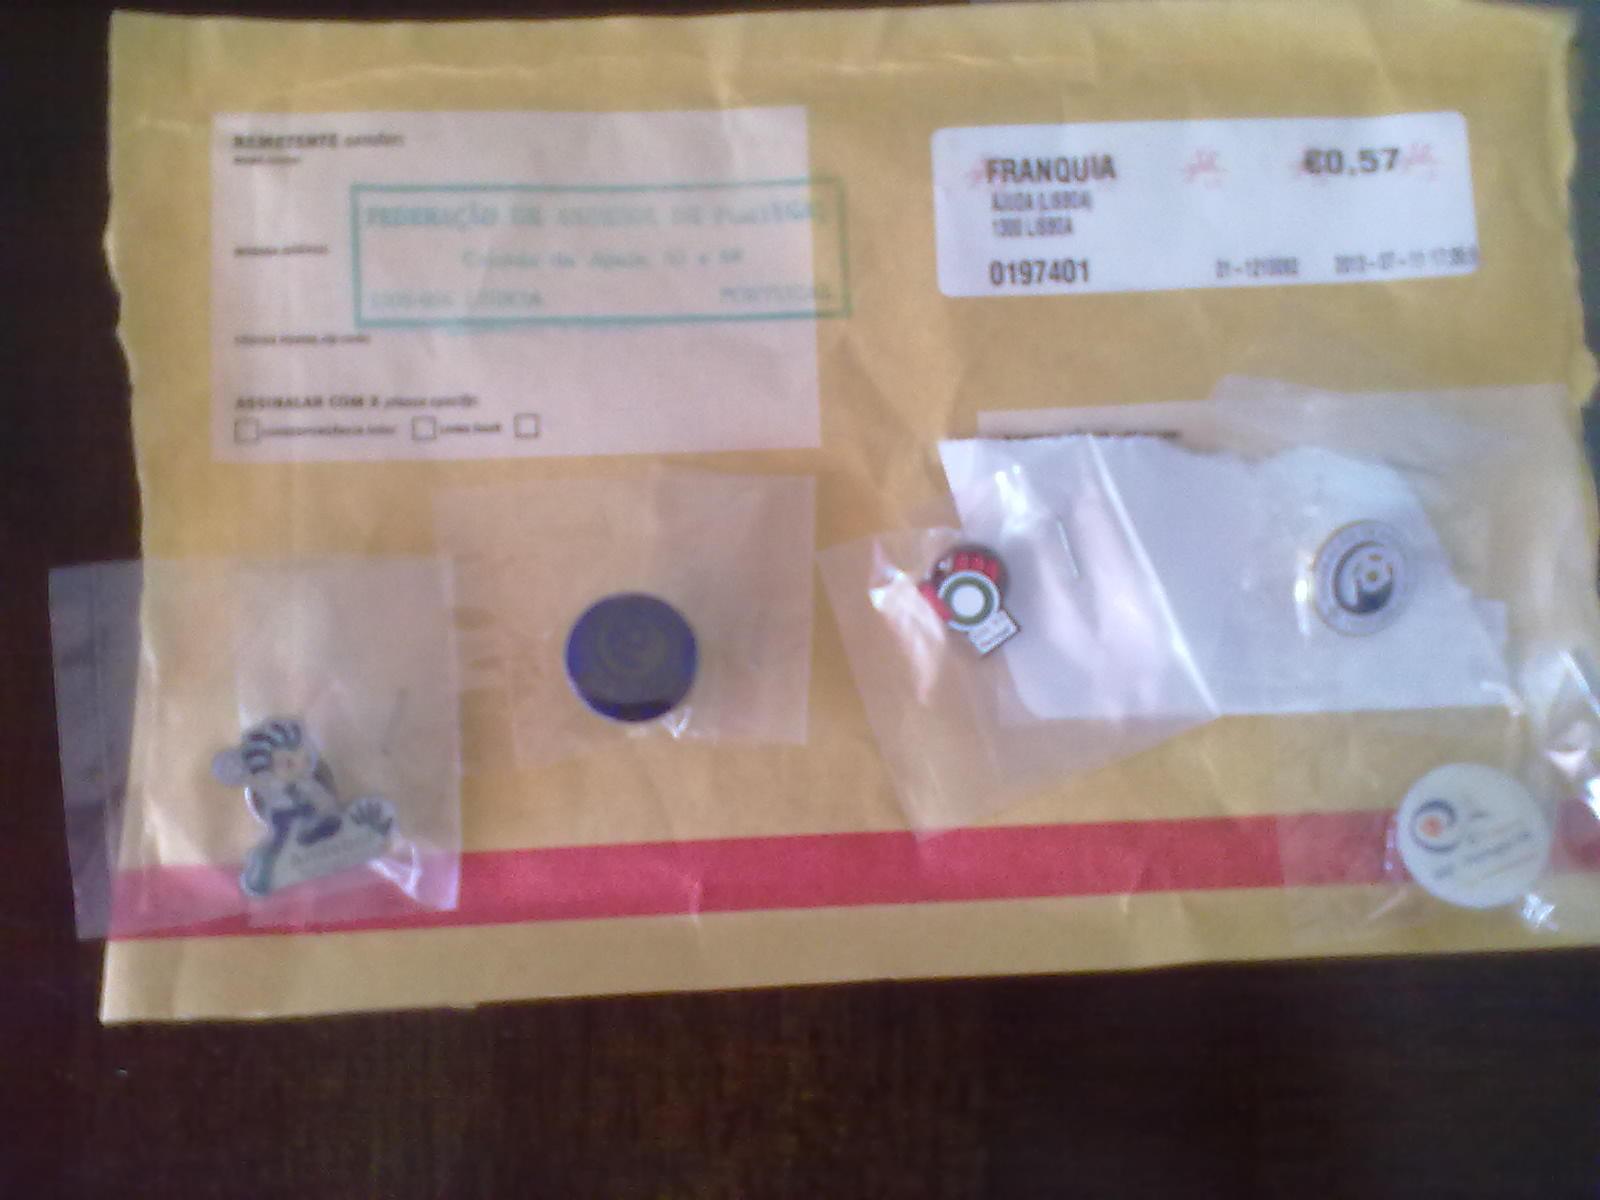 Amostras da Federação Nacional de Andebol - PINS - [Recebido] 15253708_SPewS